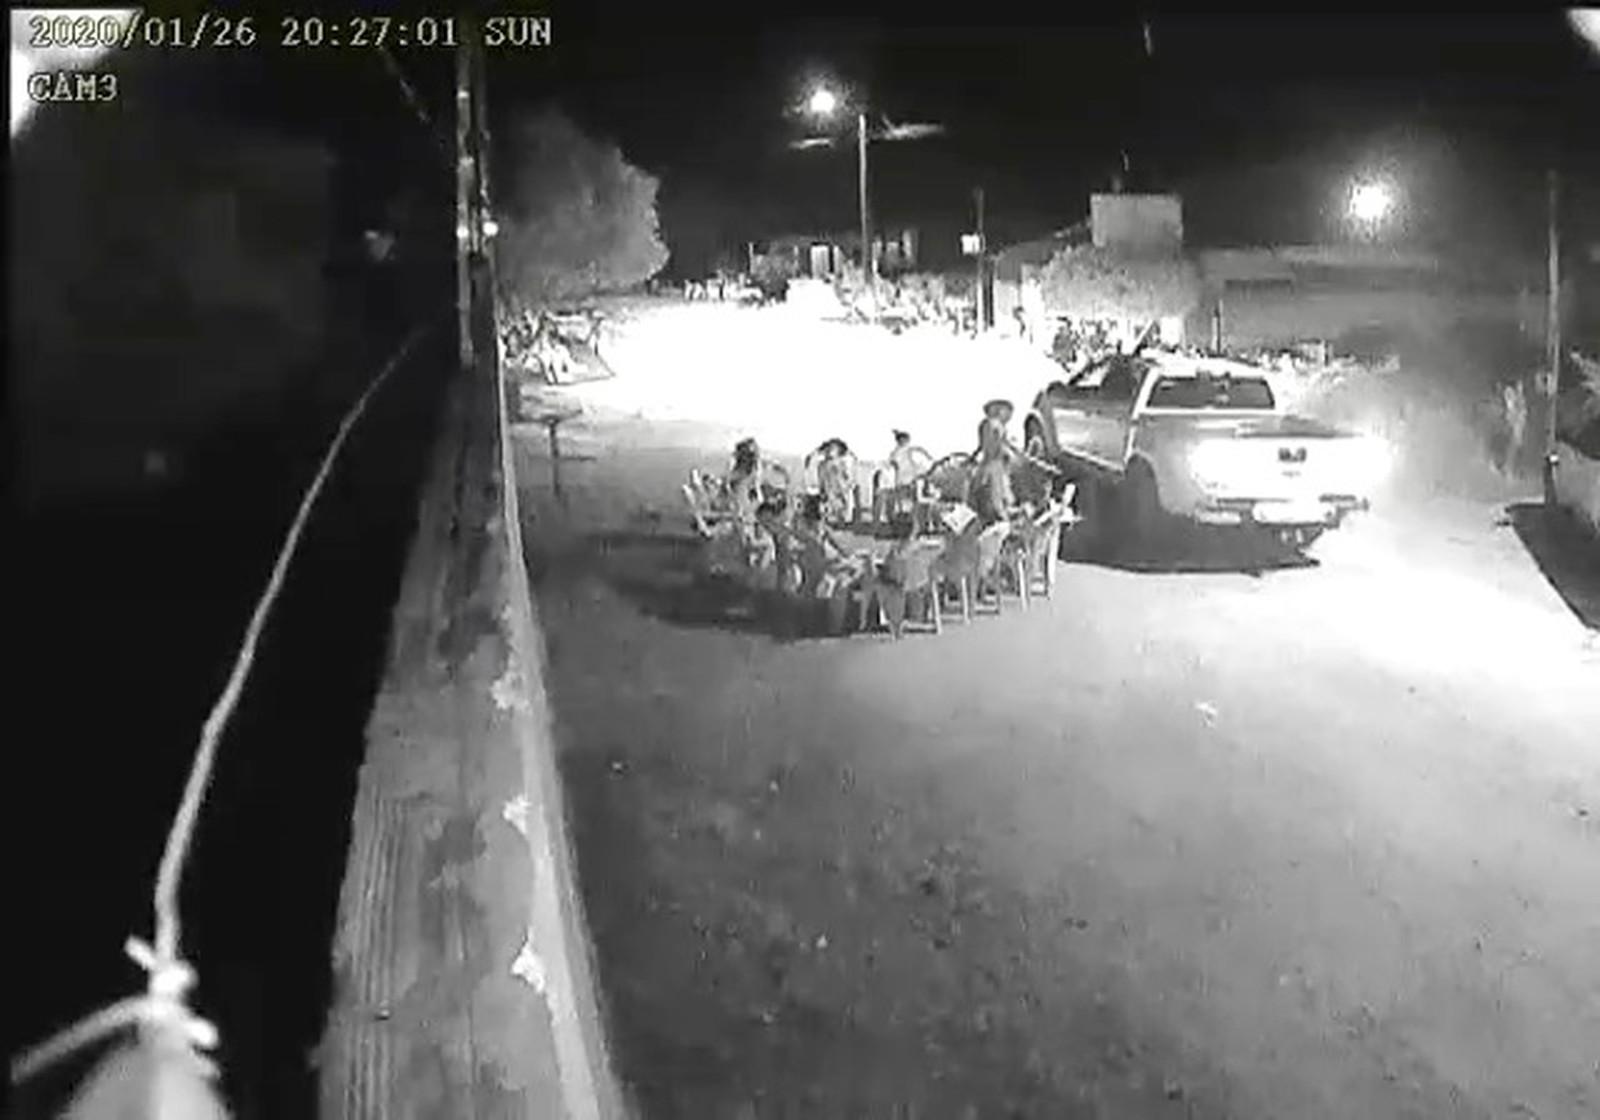 Motorista de caminhonete que atropelou criança é identificado pela polícia; veja o vídeo